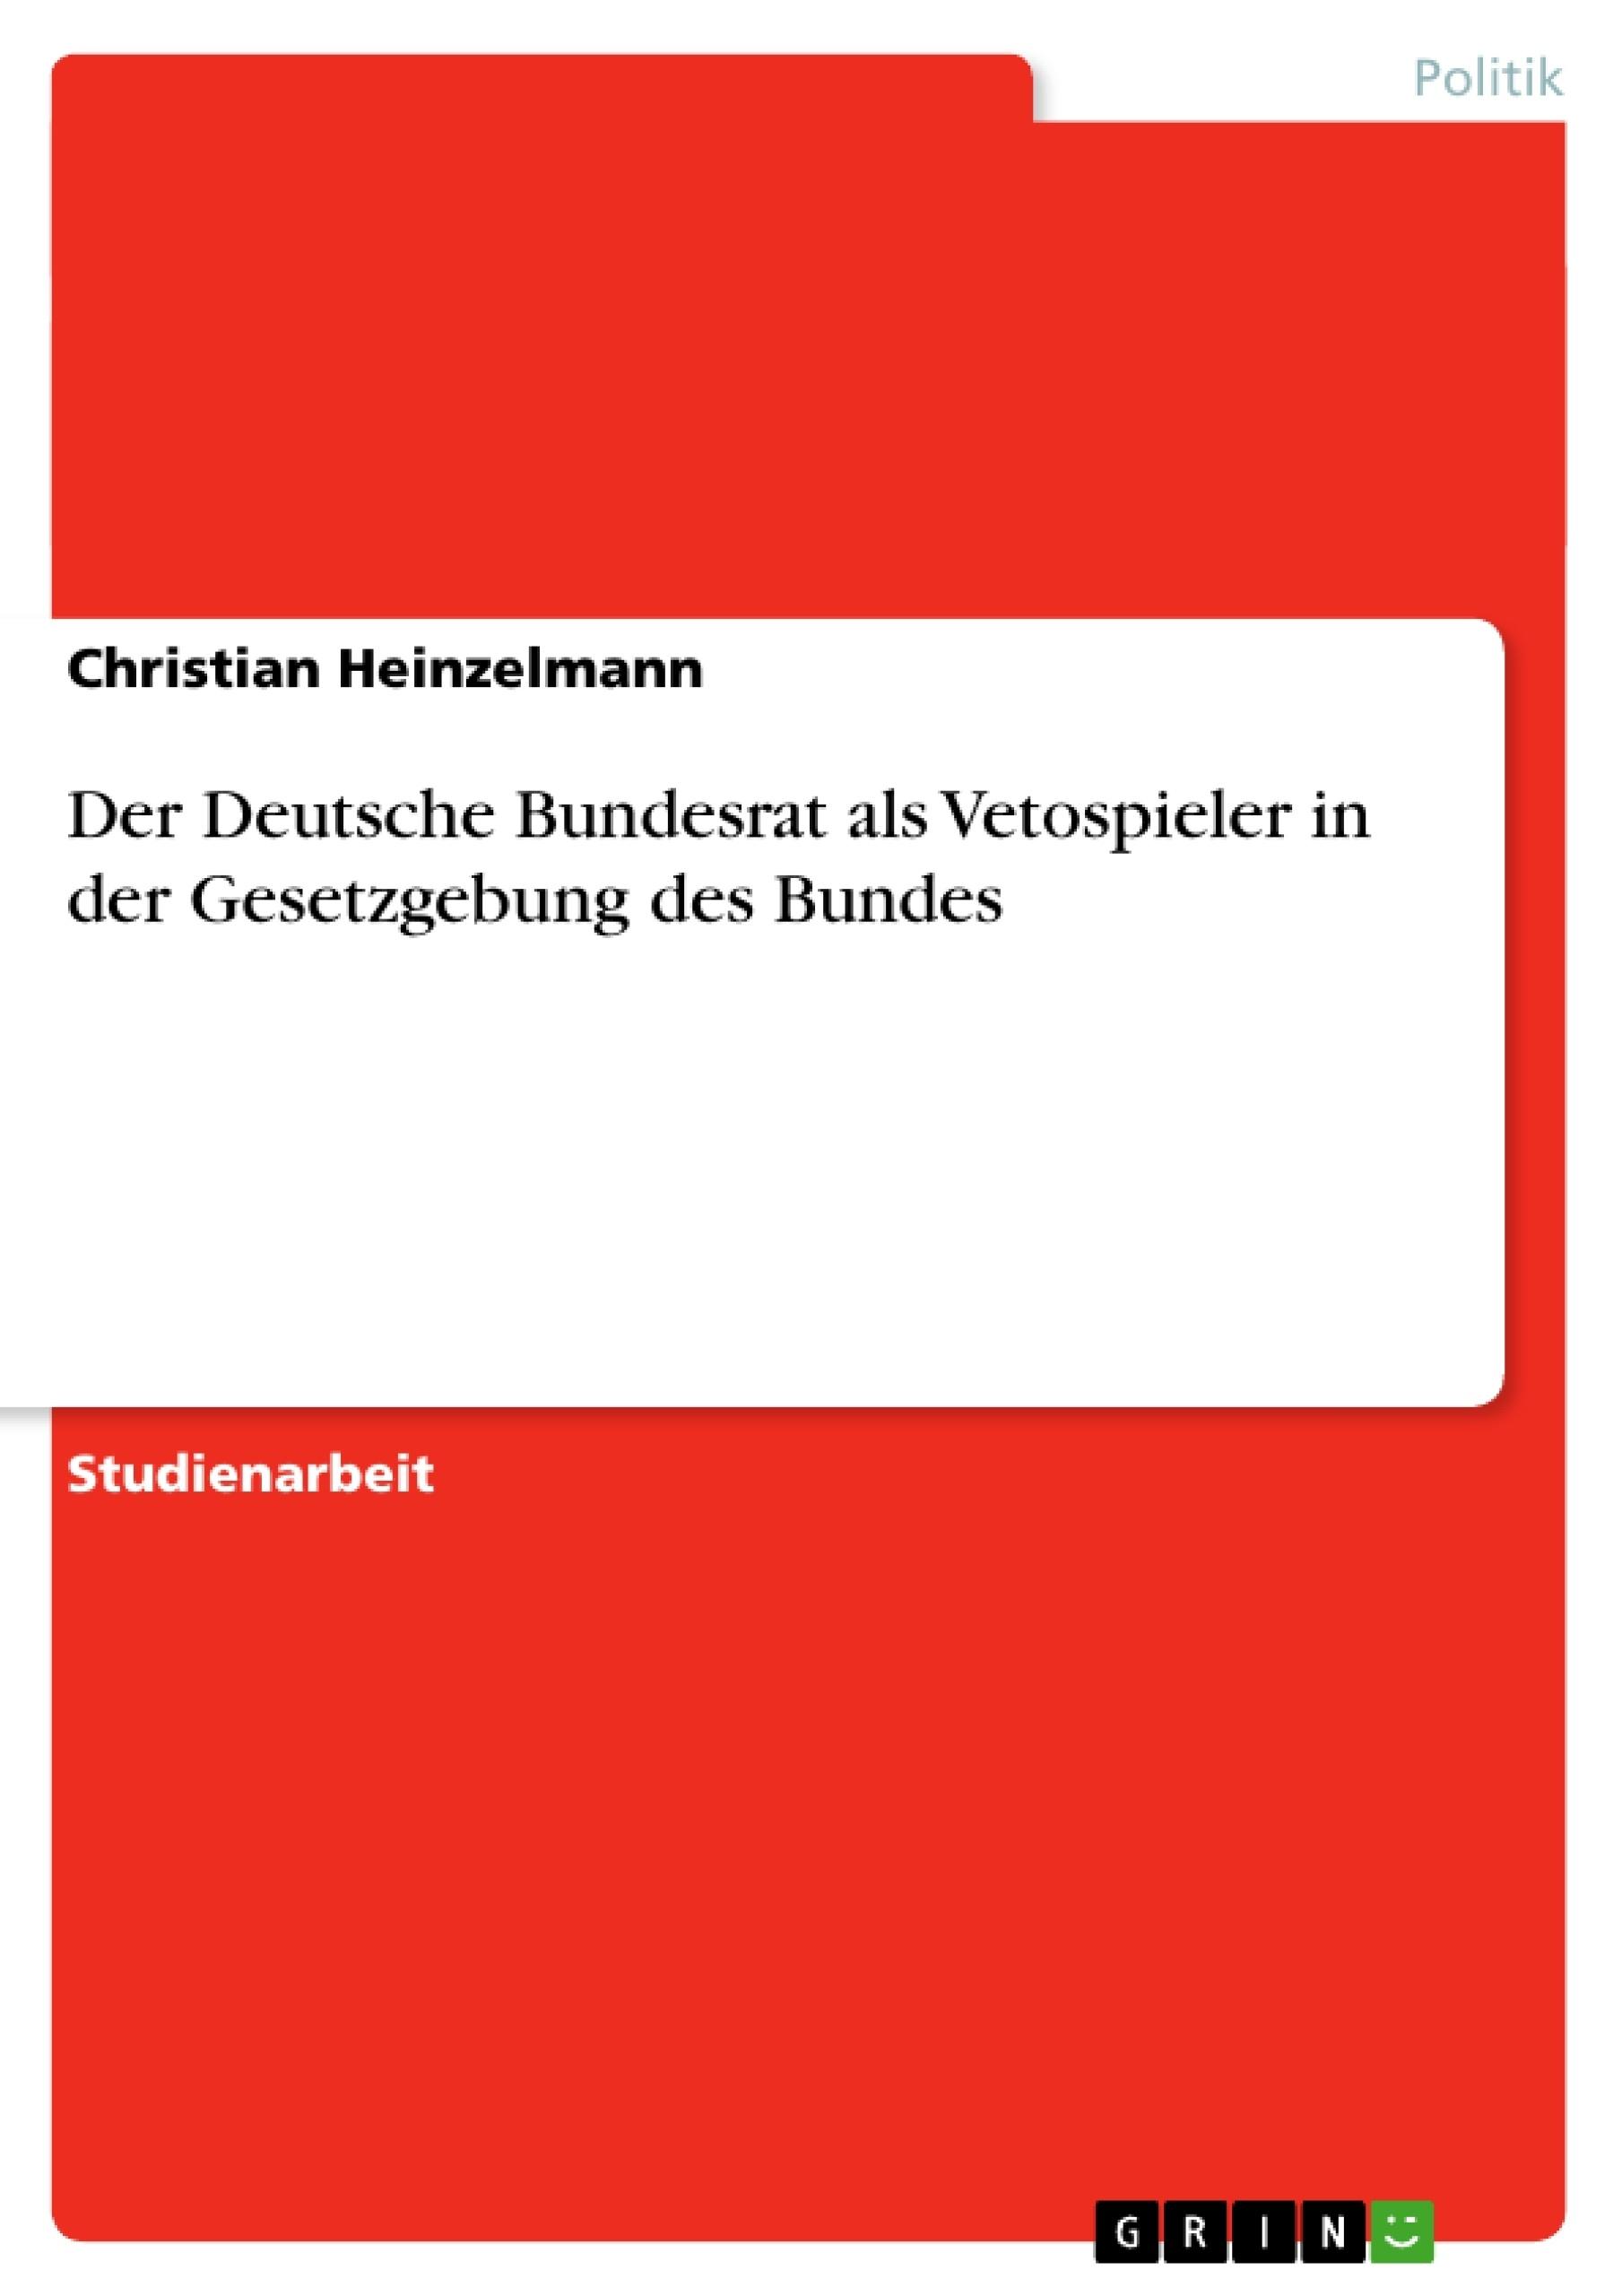 Titel: Der Deutsche Bundesrat als Vetospieler in der Gesetzgebung des Bundes